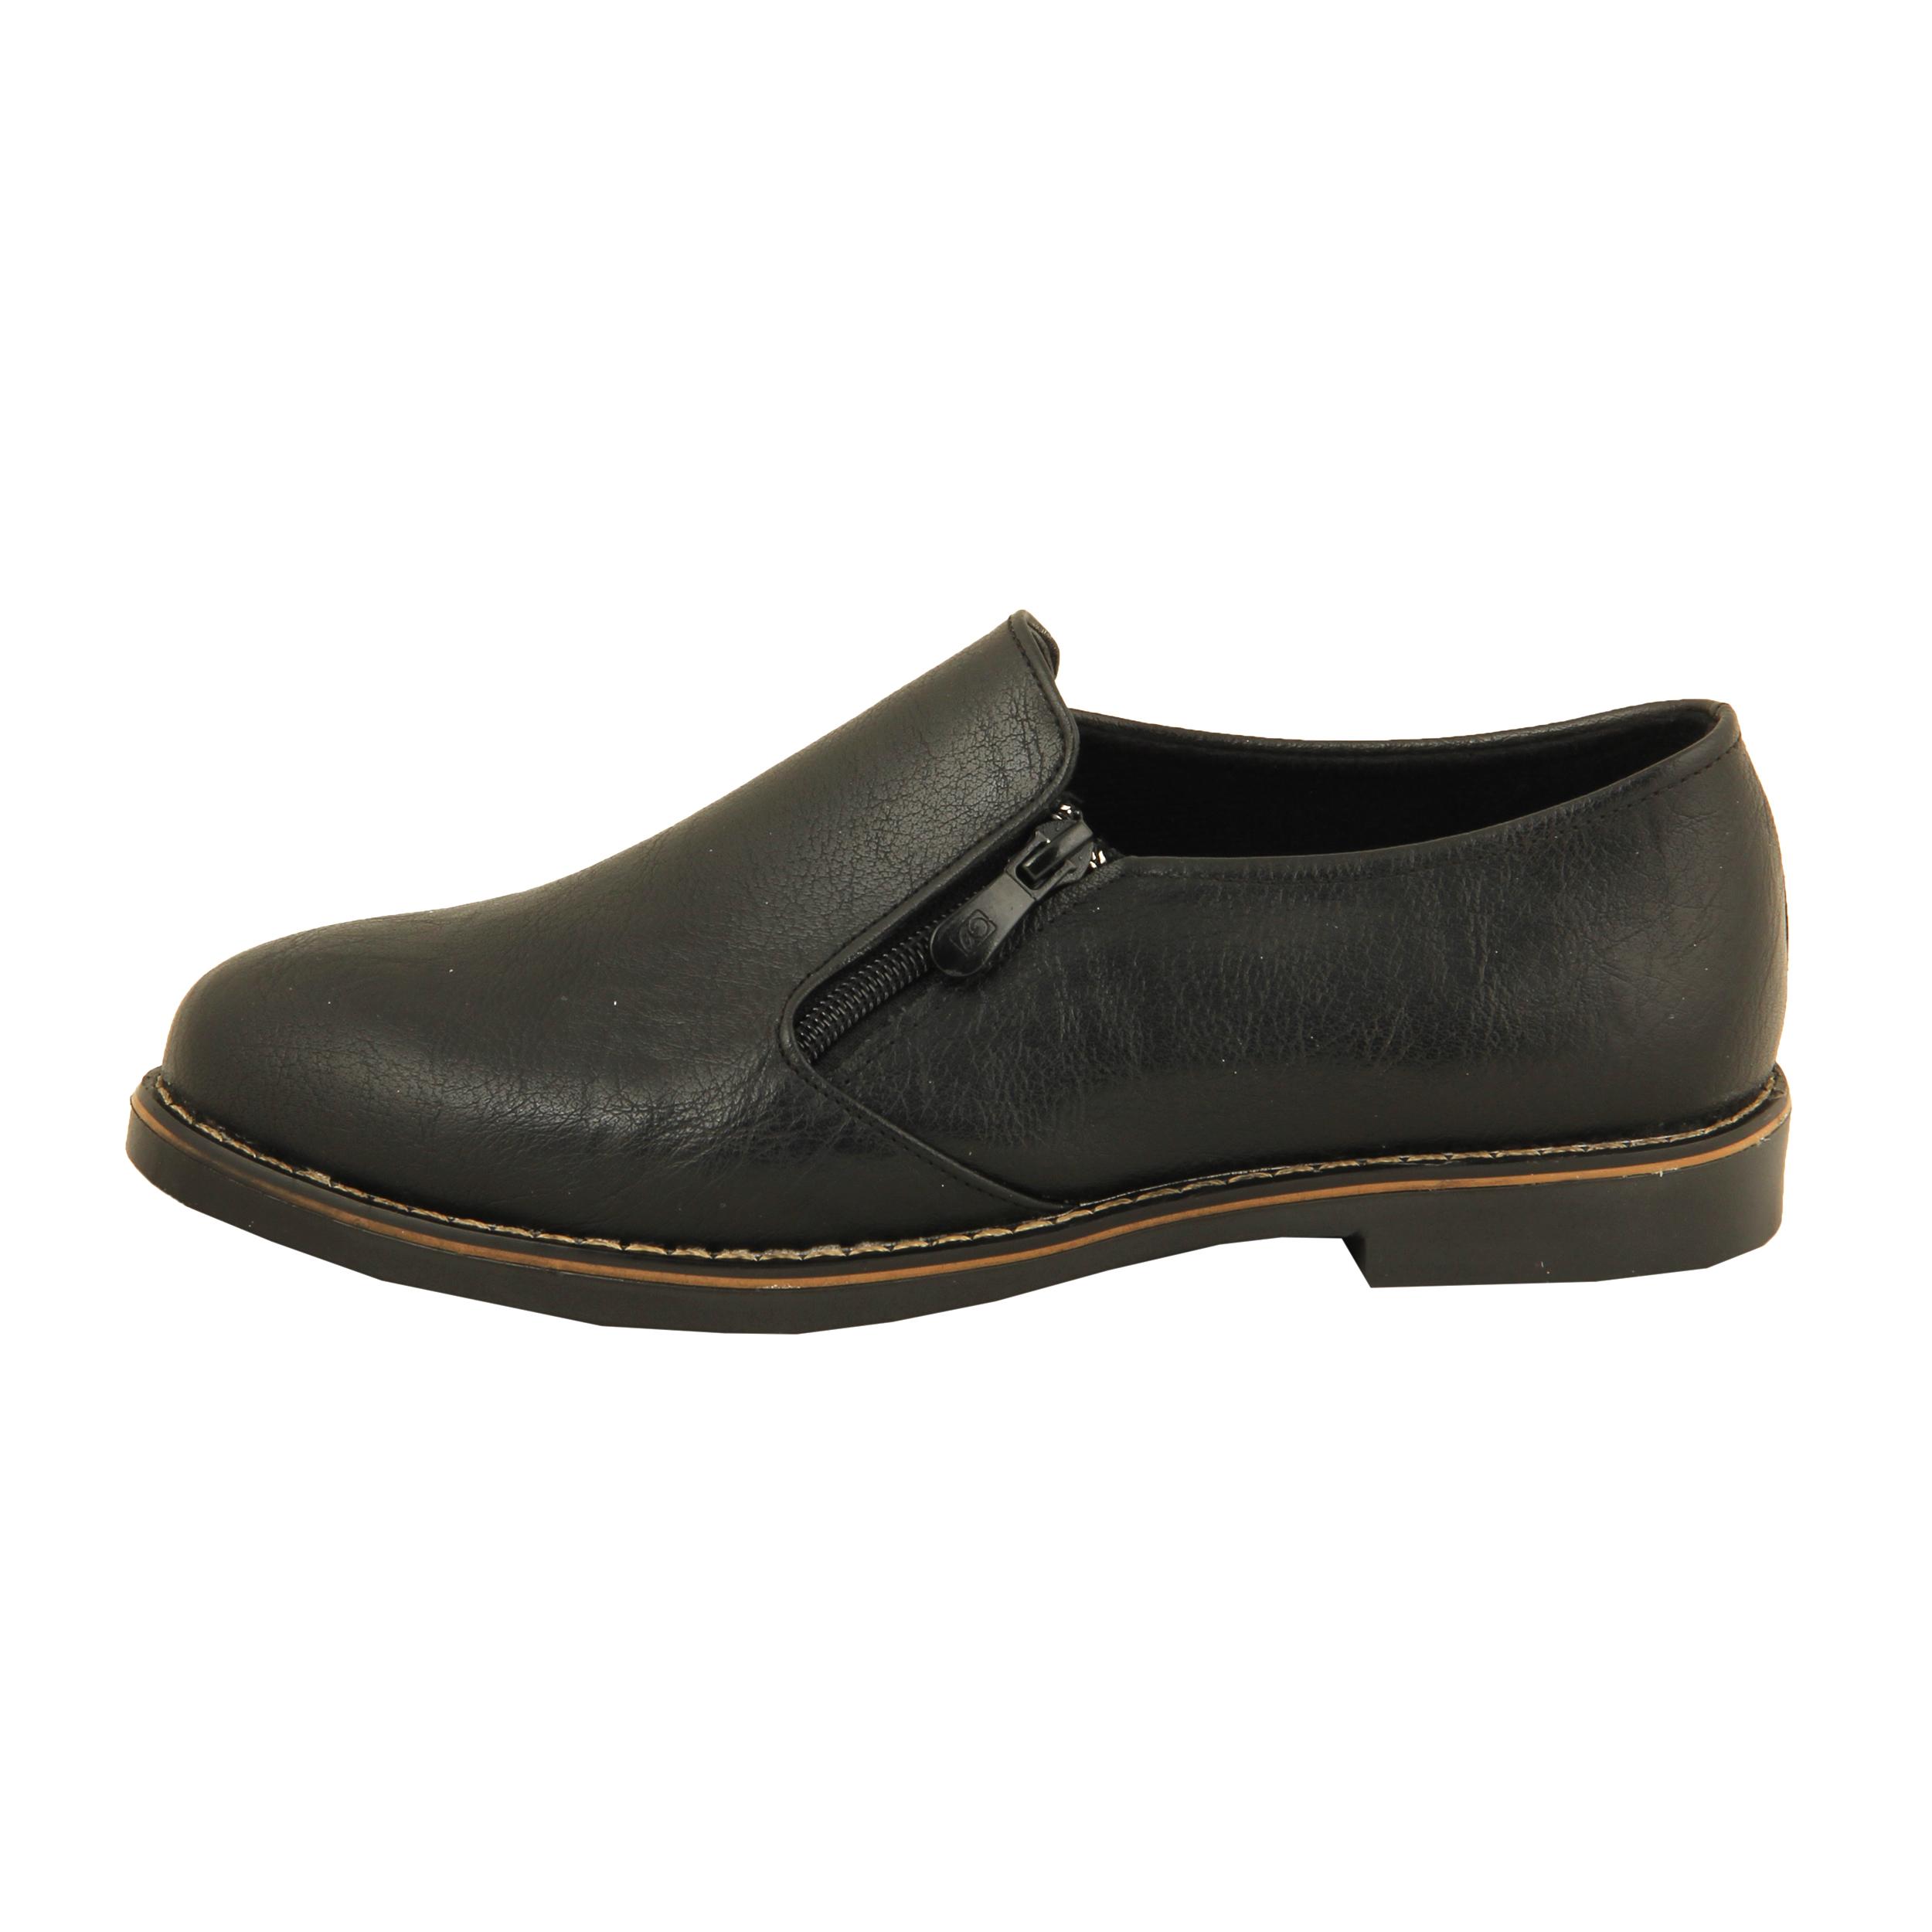 ست کیف و کفش زنانه BAB مدل ترنم کد 910-5 main 1 8